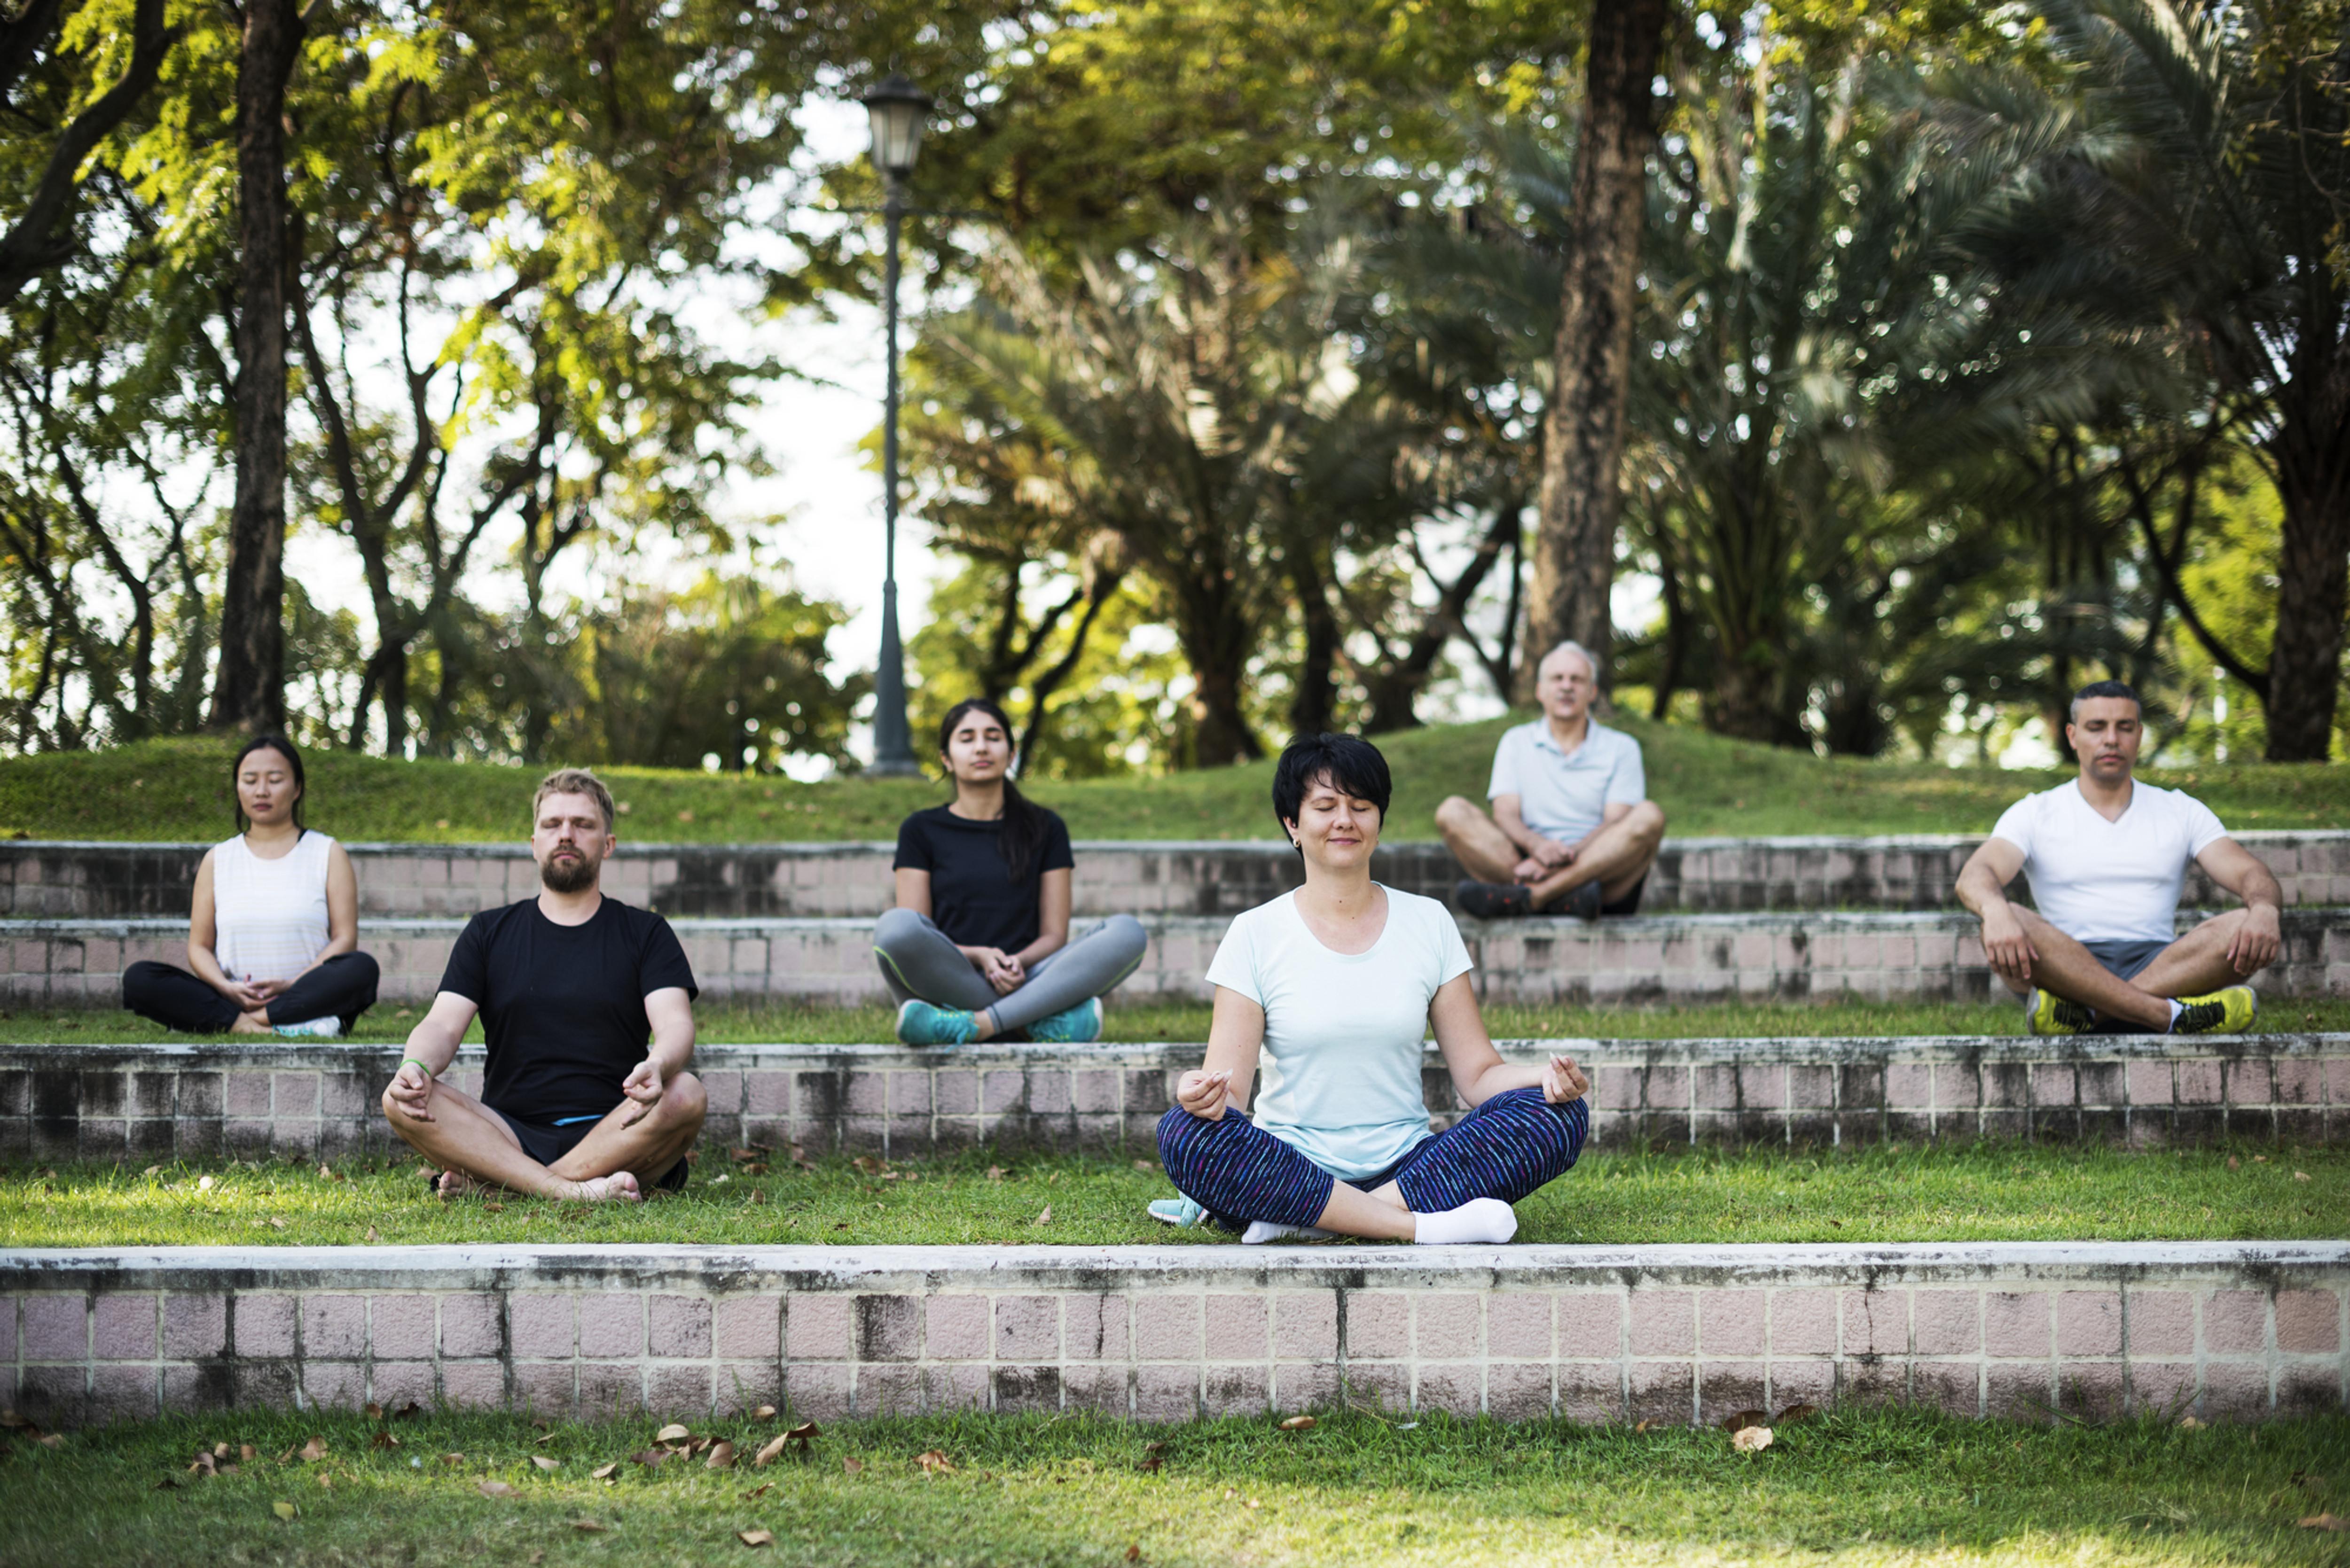 Horizon Park Outdoor Yoga